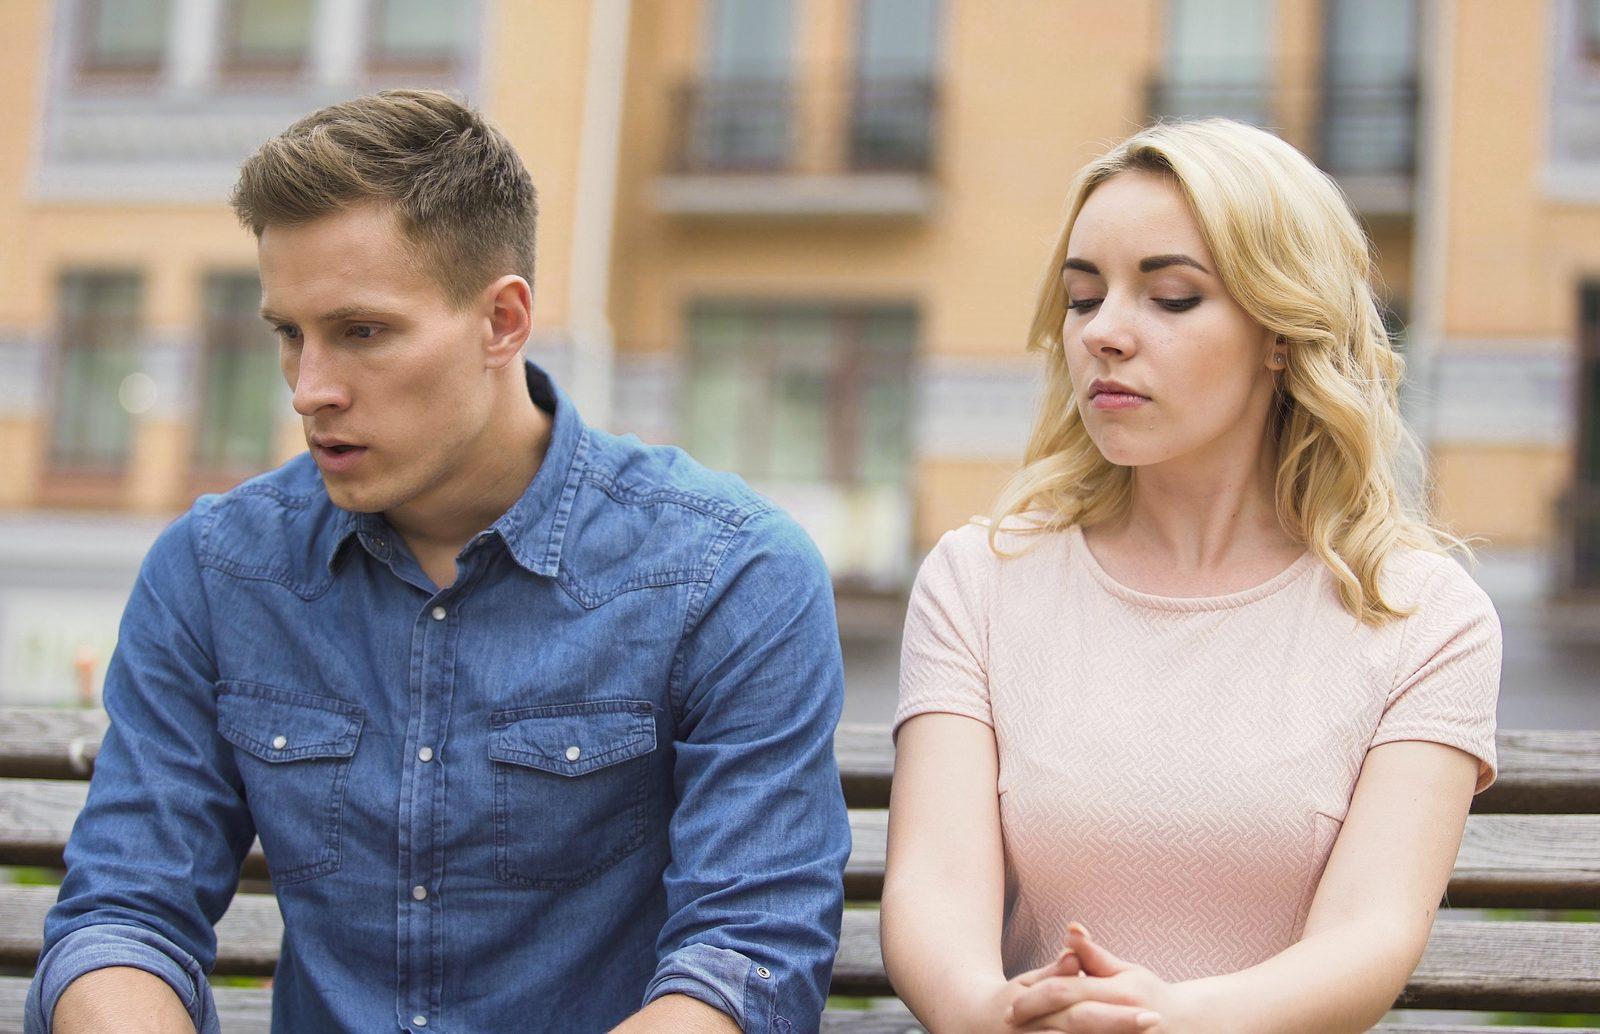 男性が実際に「退屈だなぁ」と感じた40代・50代独女とのデートって?